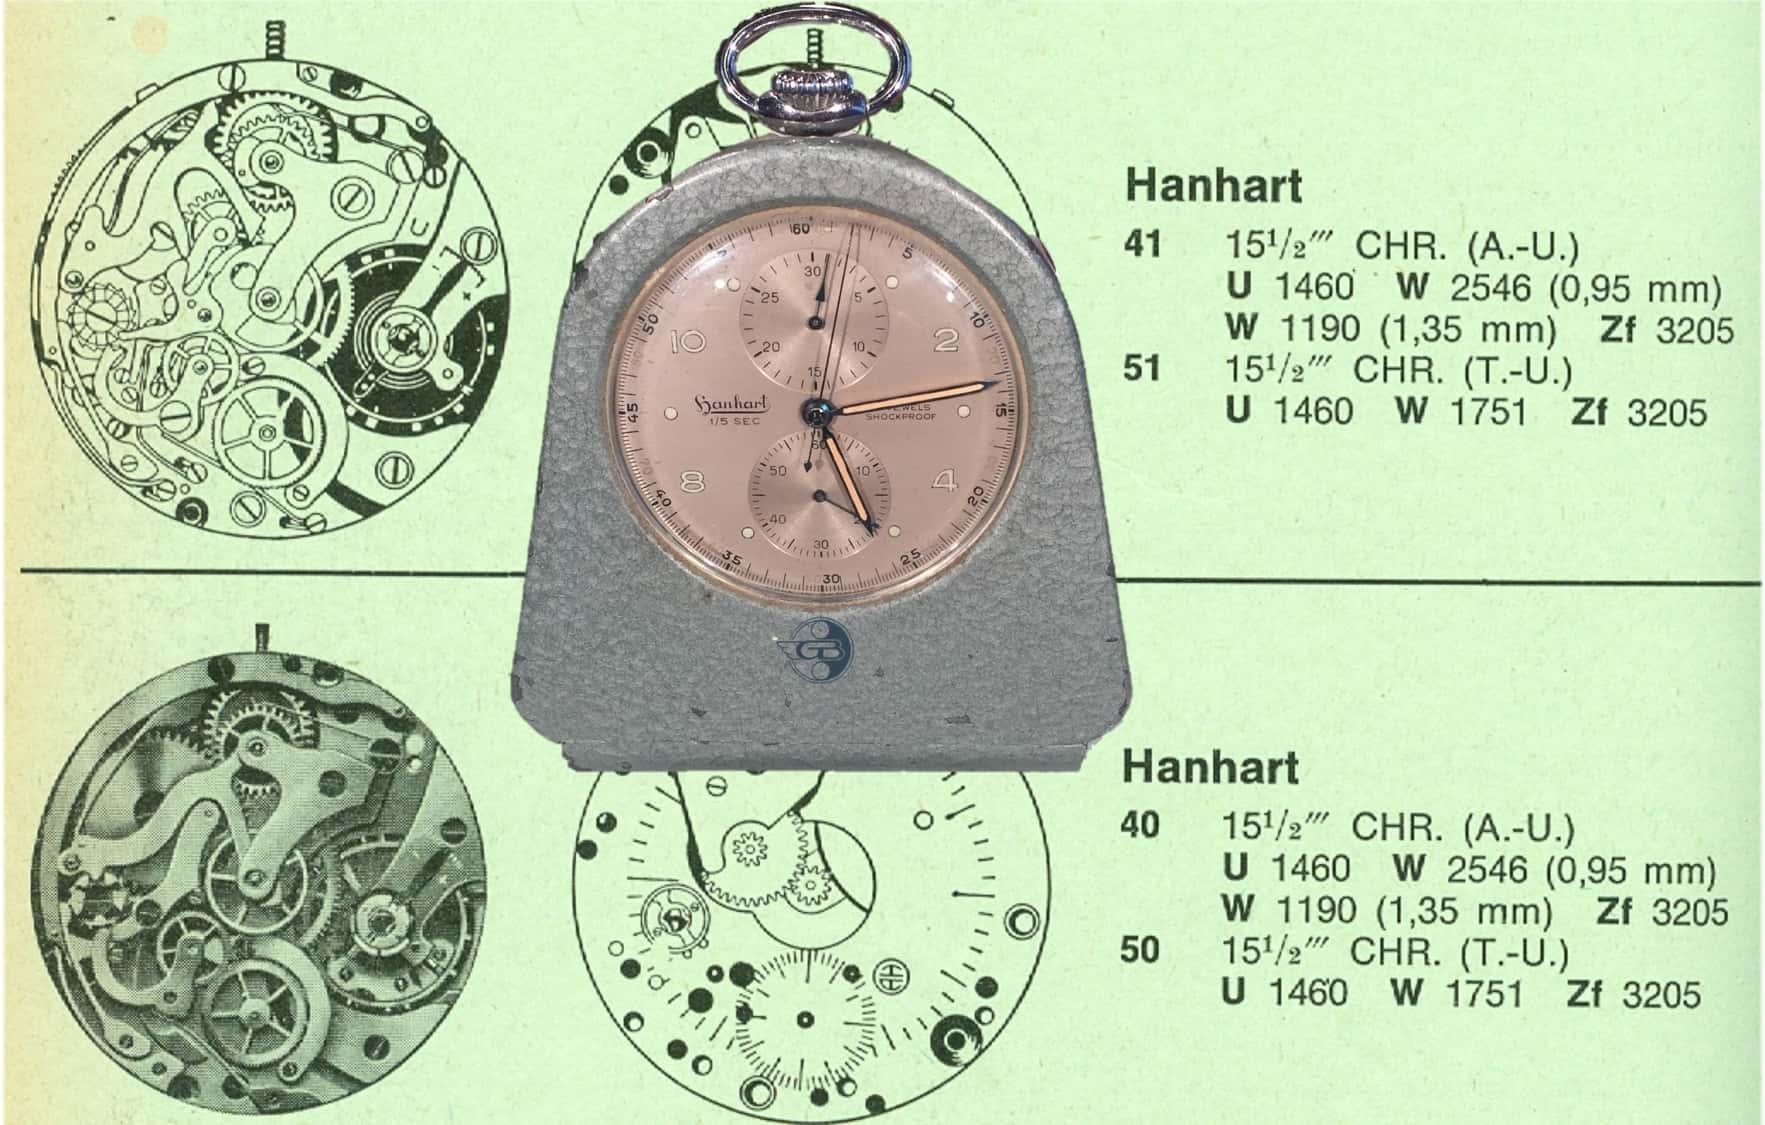 Hanhart Taschenuhr mit Transportgehäuse. Die Drücker finden  sich im Inneren.